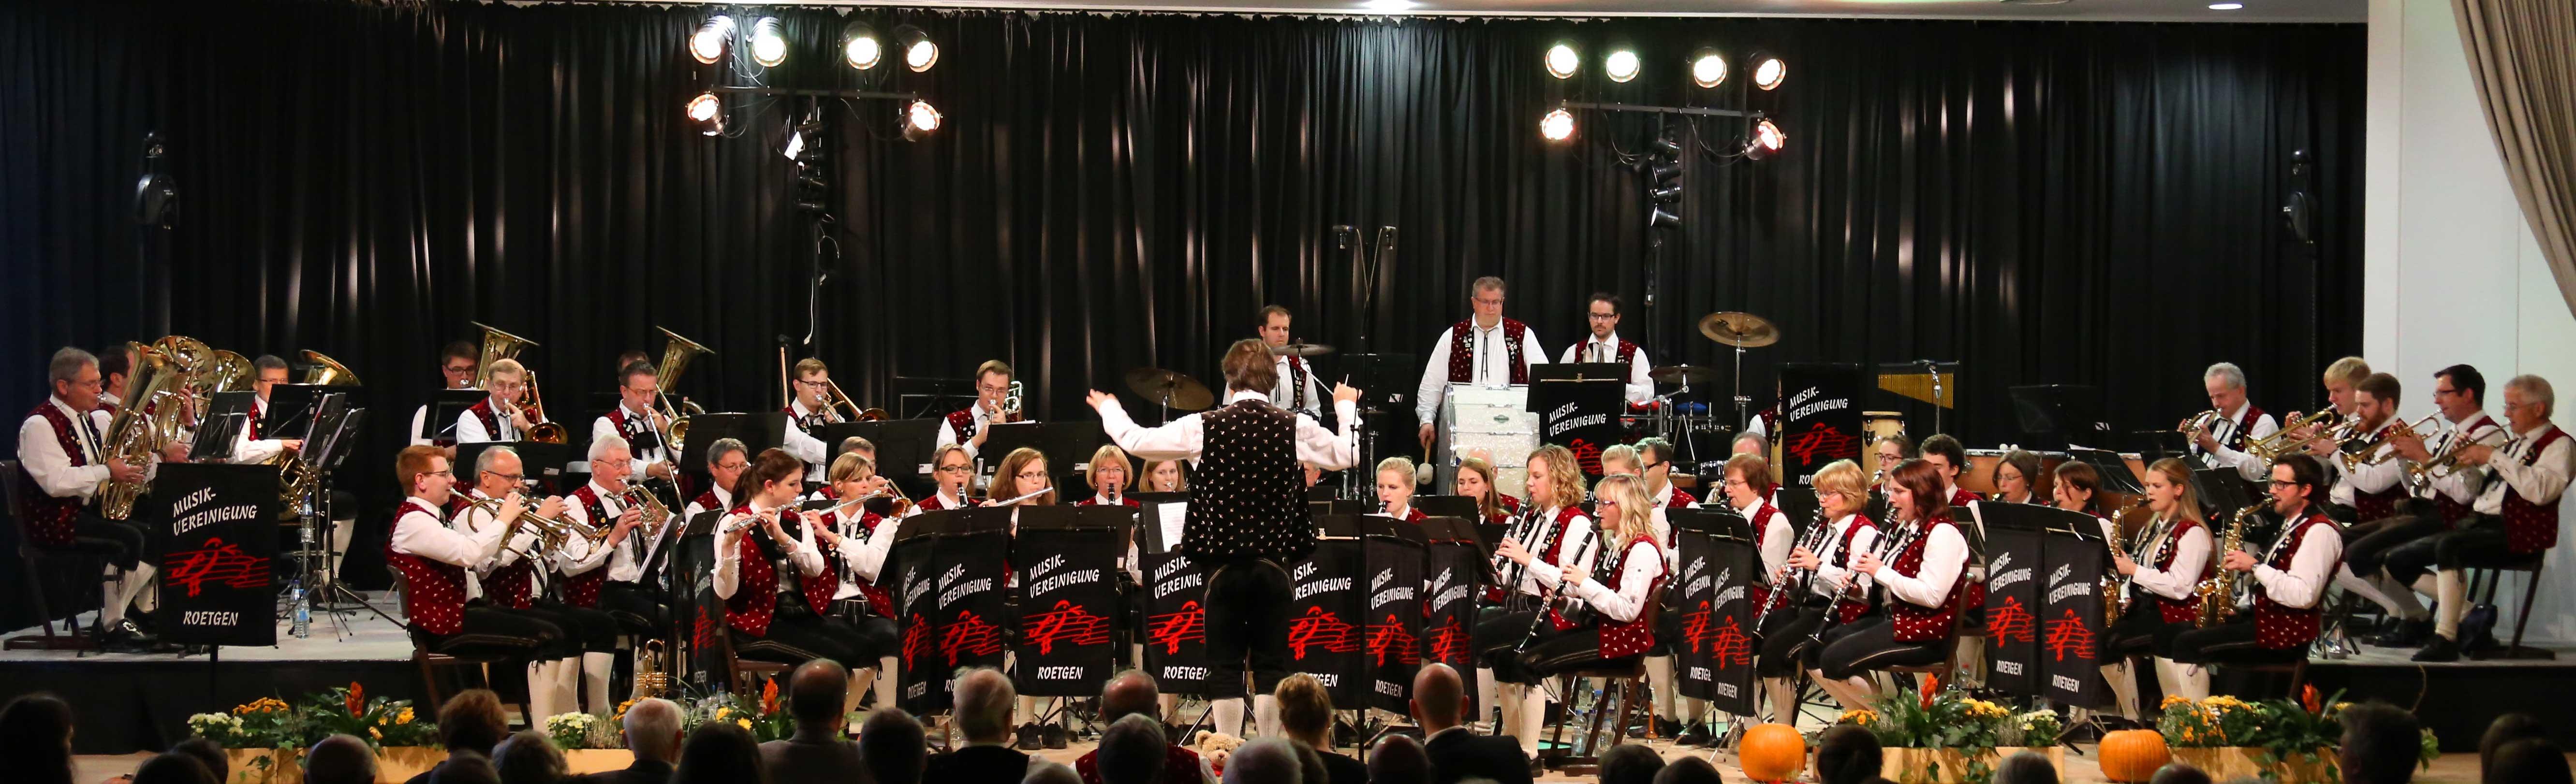 Orchester der Musikvereinigung Roetgen